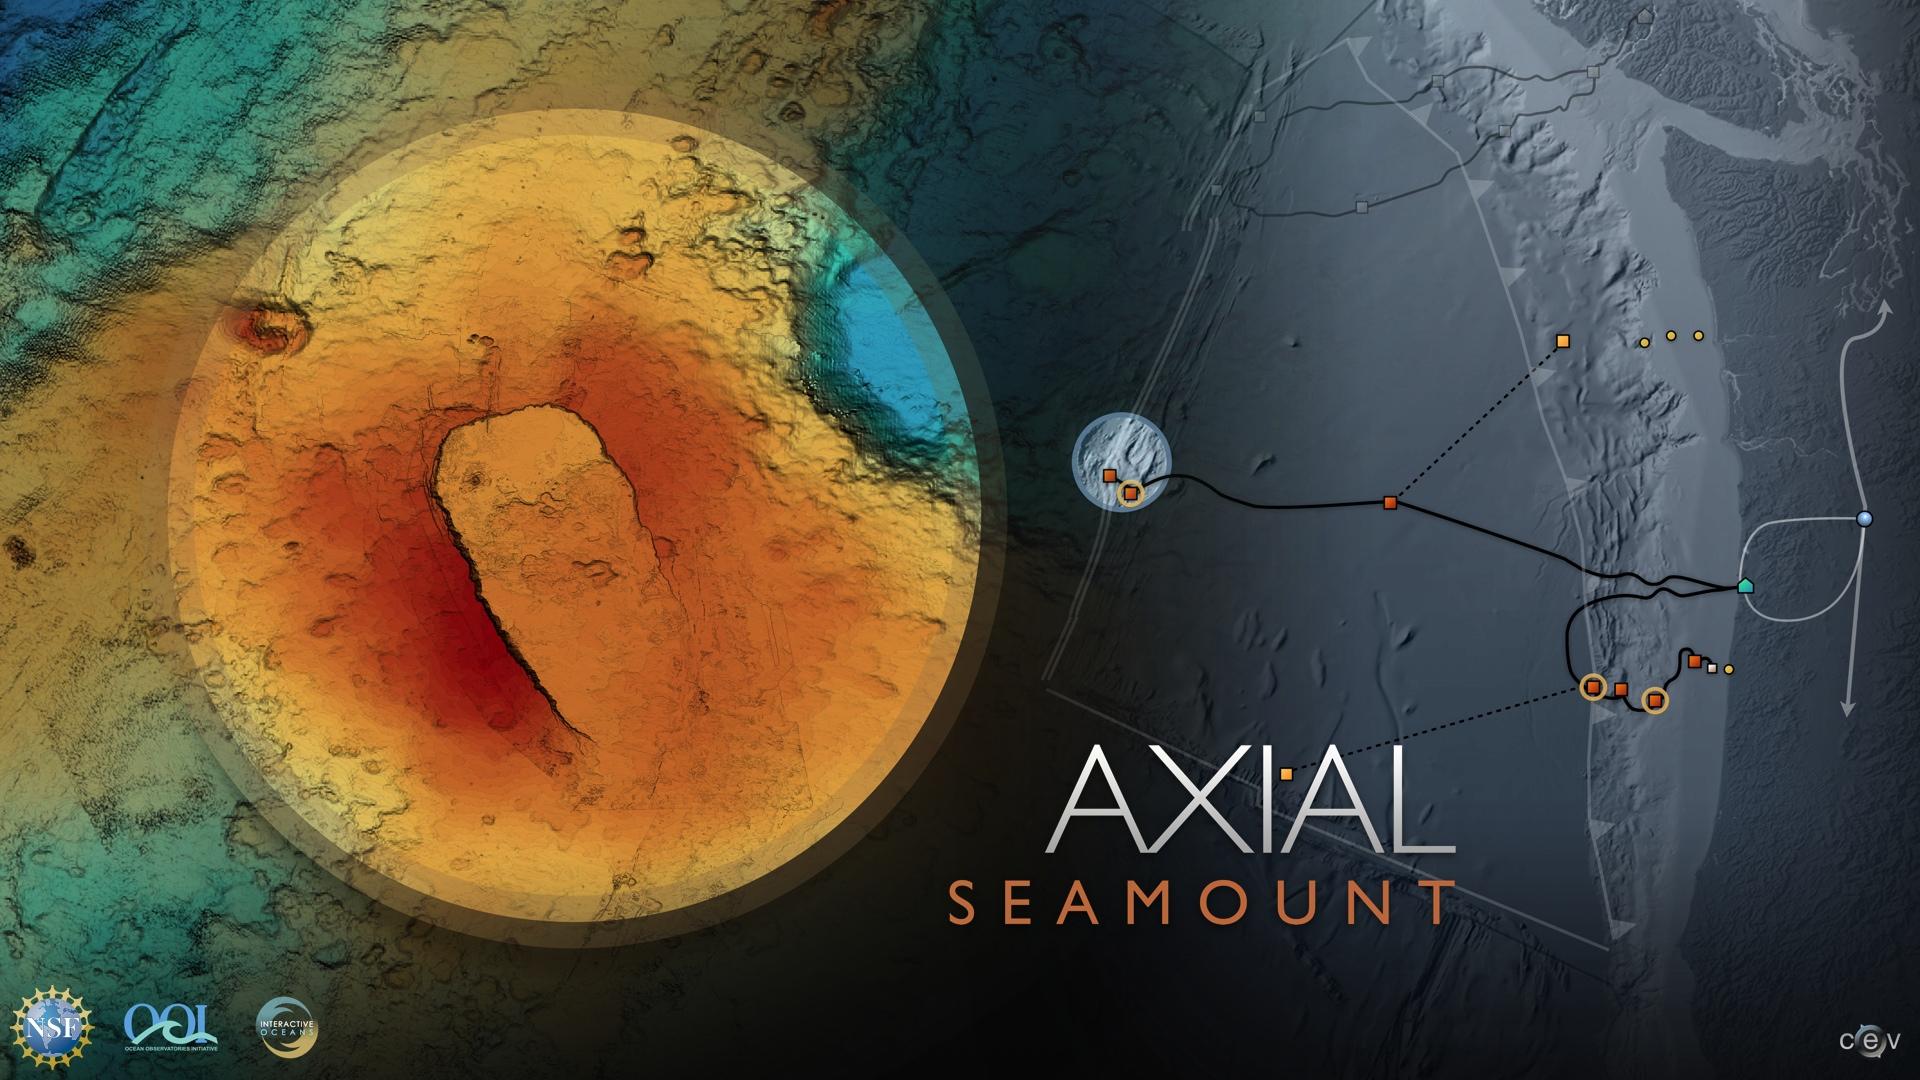 Axial Seamount undersea volcano